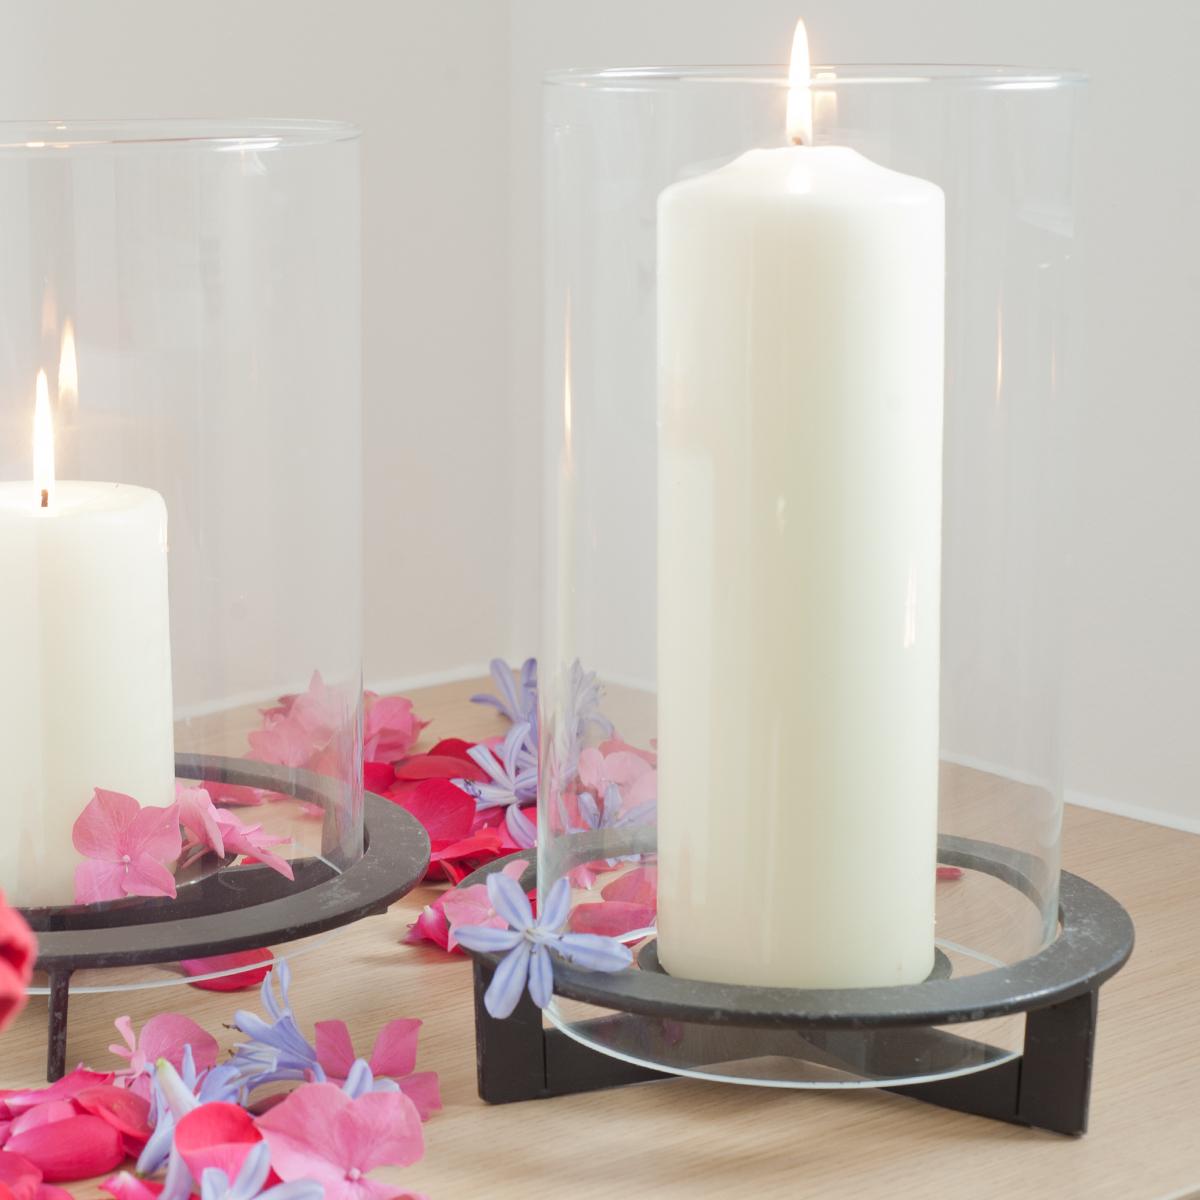 windlicht nobel laterne deko glas metall tischlicht kerzenhalter eisen neu ebay. Black Bedroom Furniture Sets. Home Design Ideas